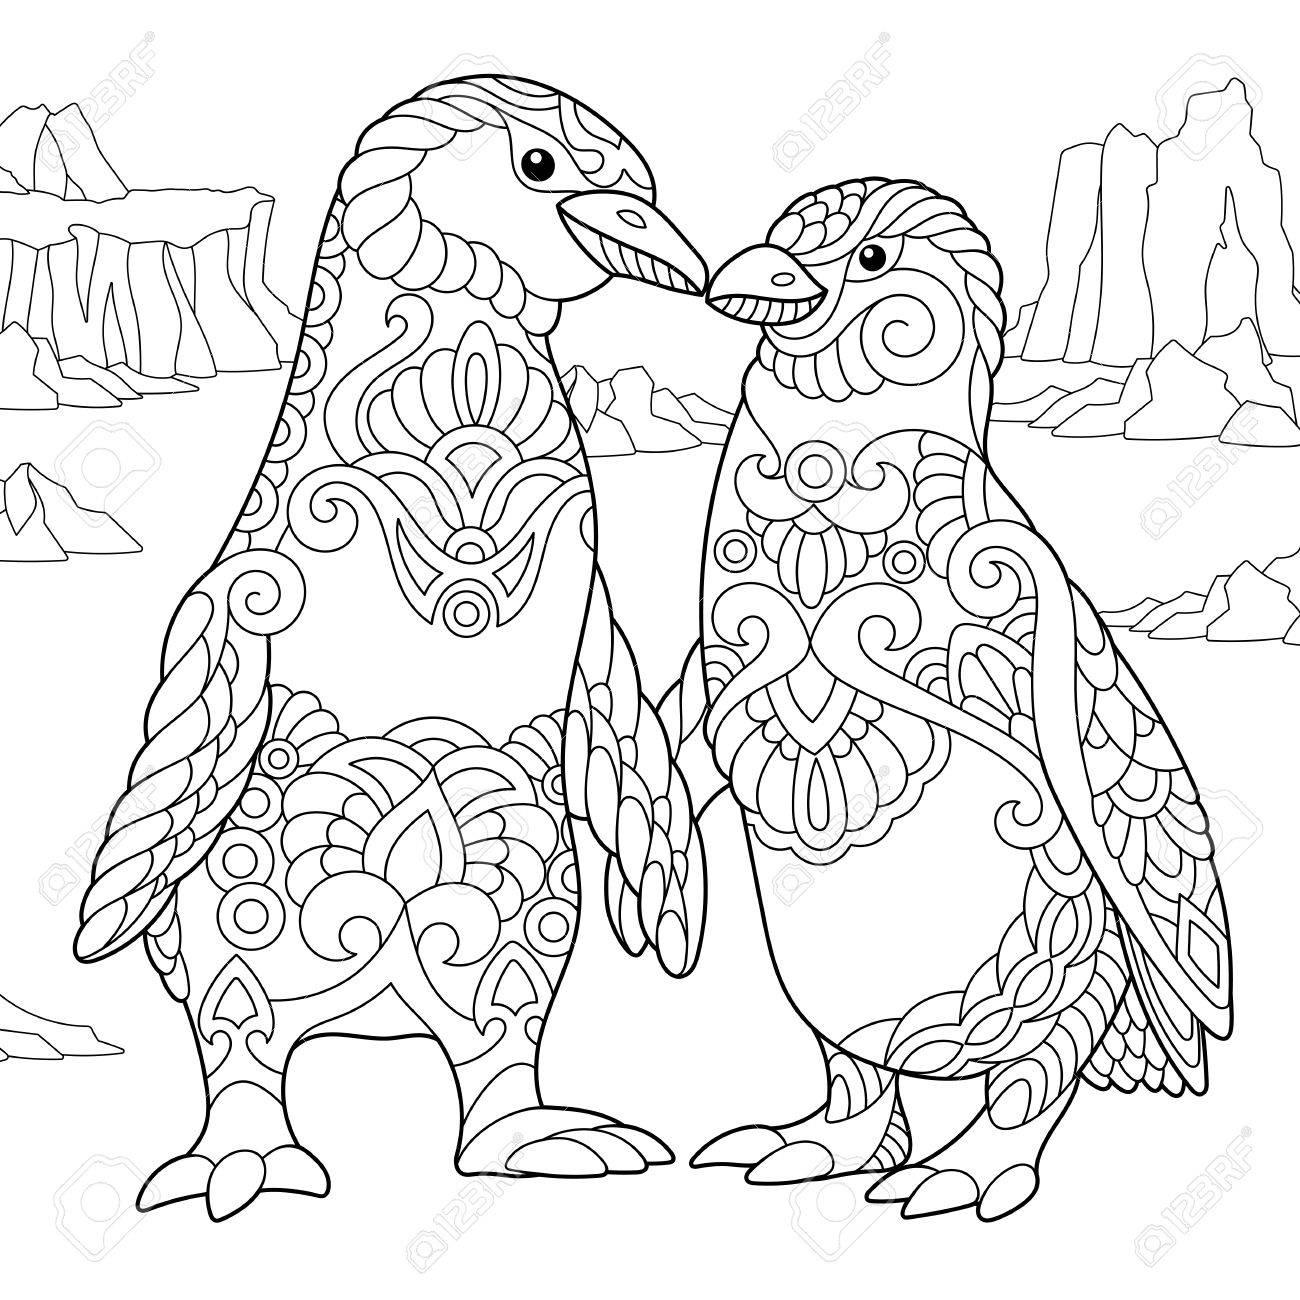 Pagina Para Colorir Do Casal De Pinguins Imperadores Apaixonado